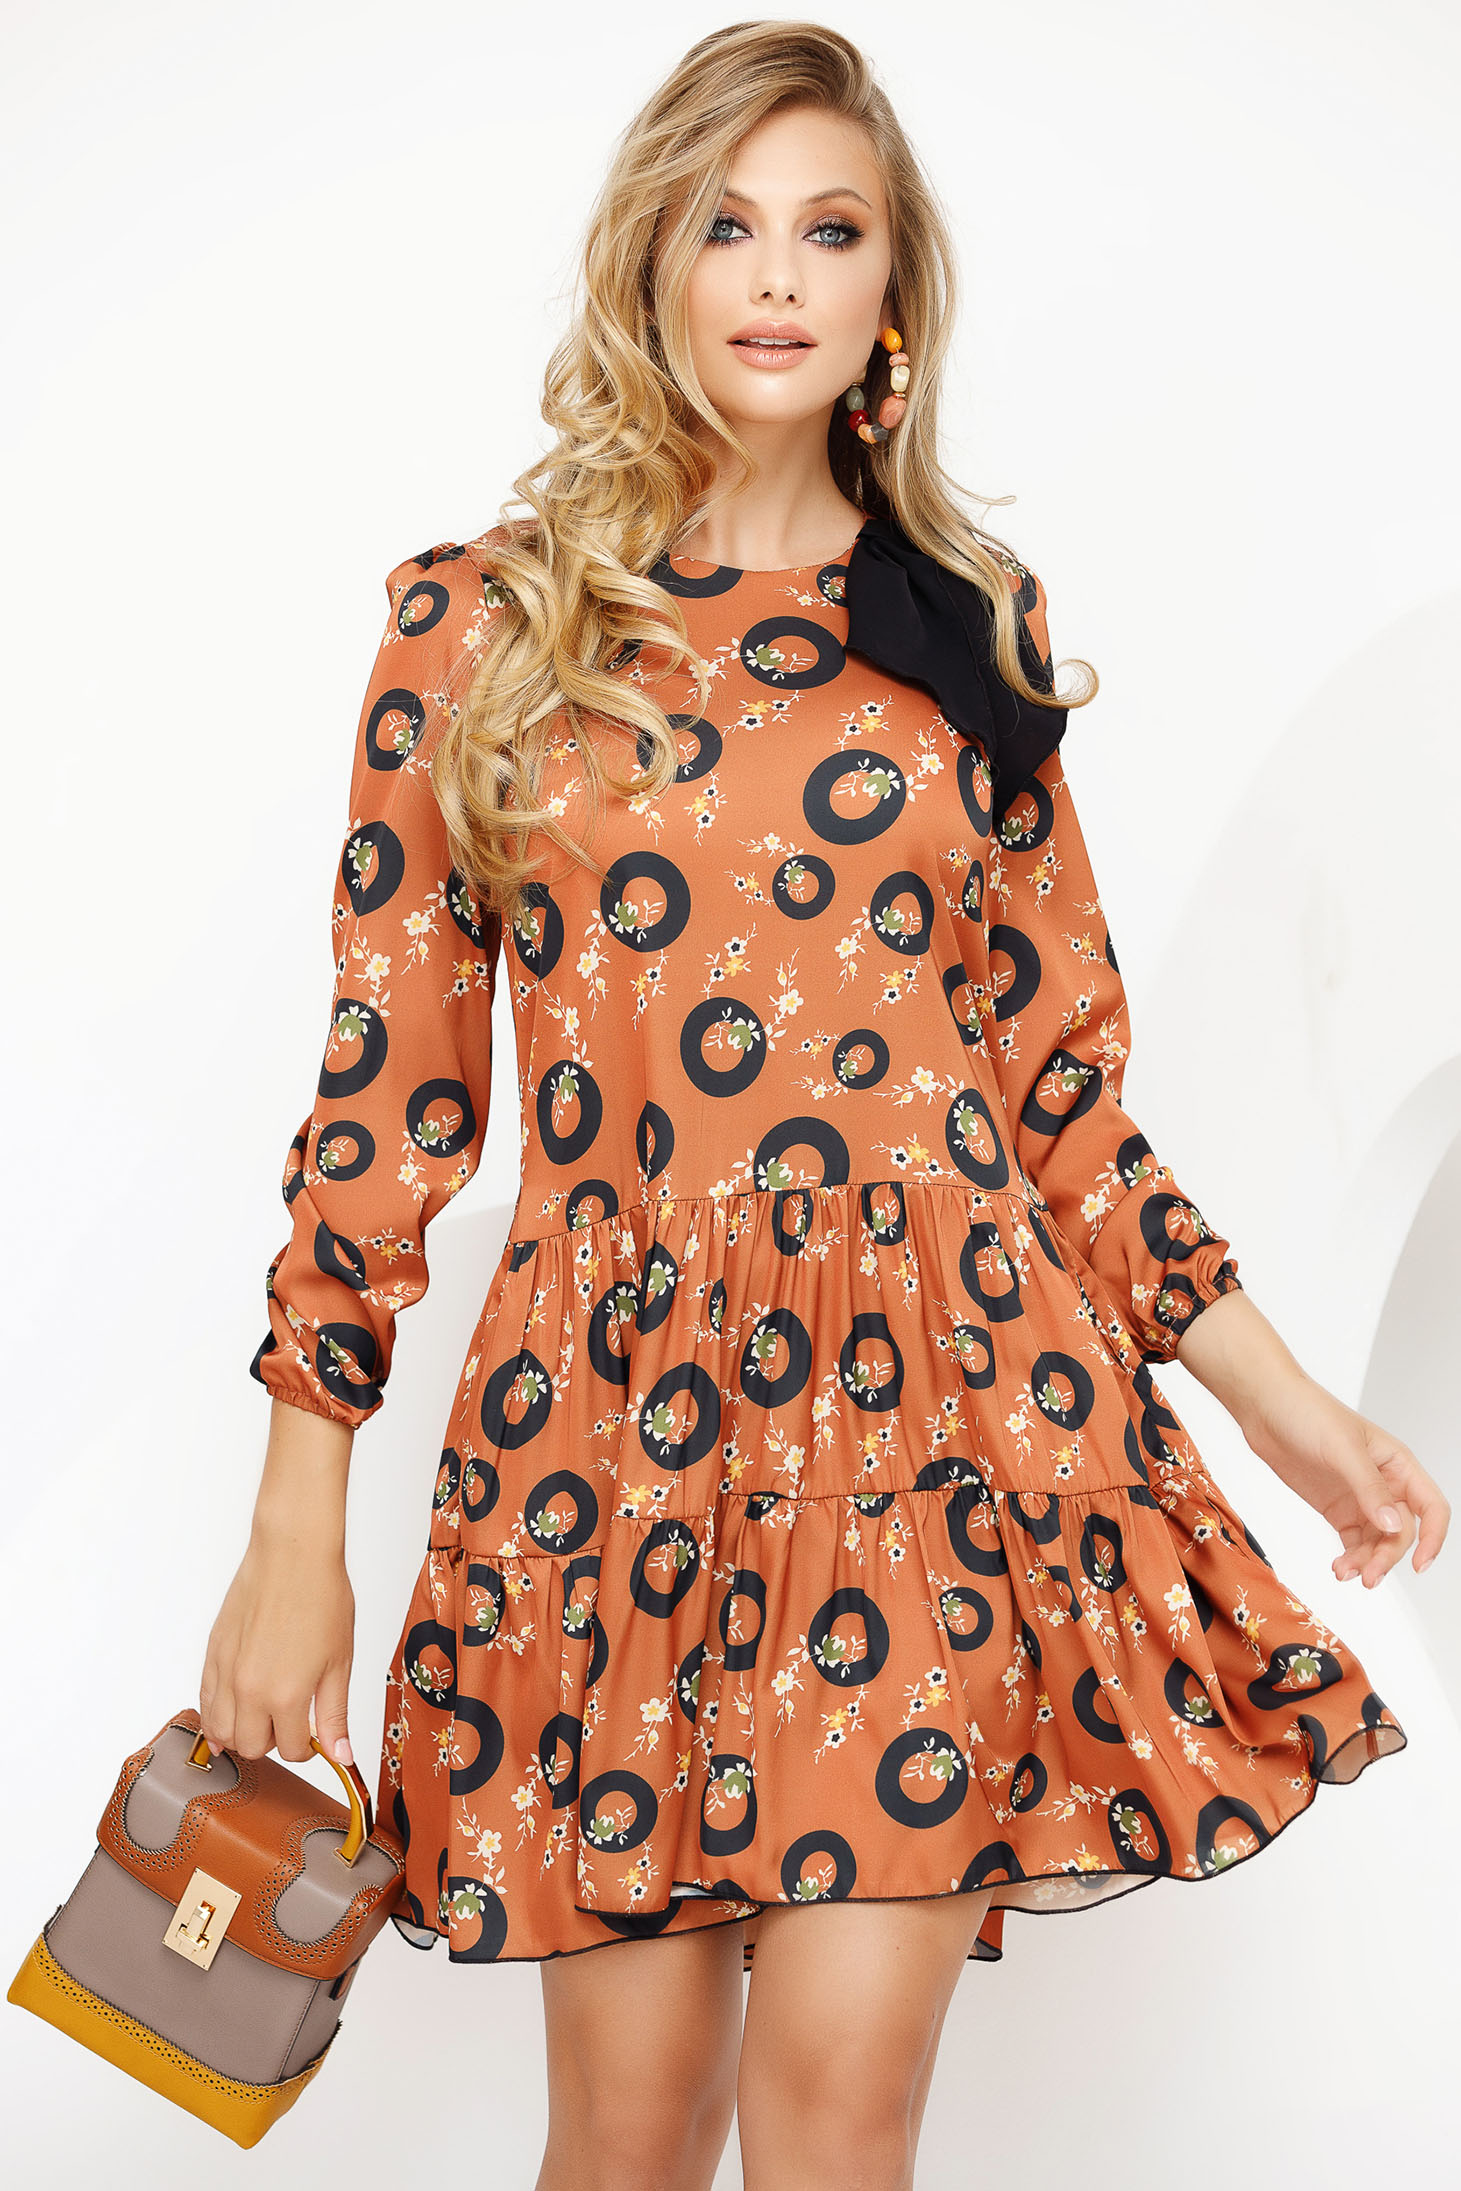 Rochie Fofy caramizie de zi scurta cu croi larg din voal cu volanase la baza rochiei